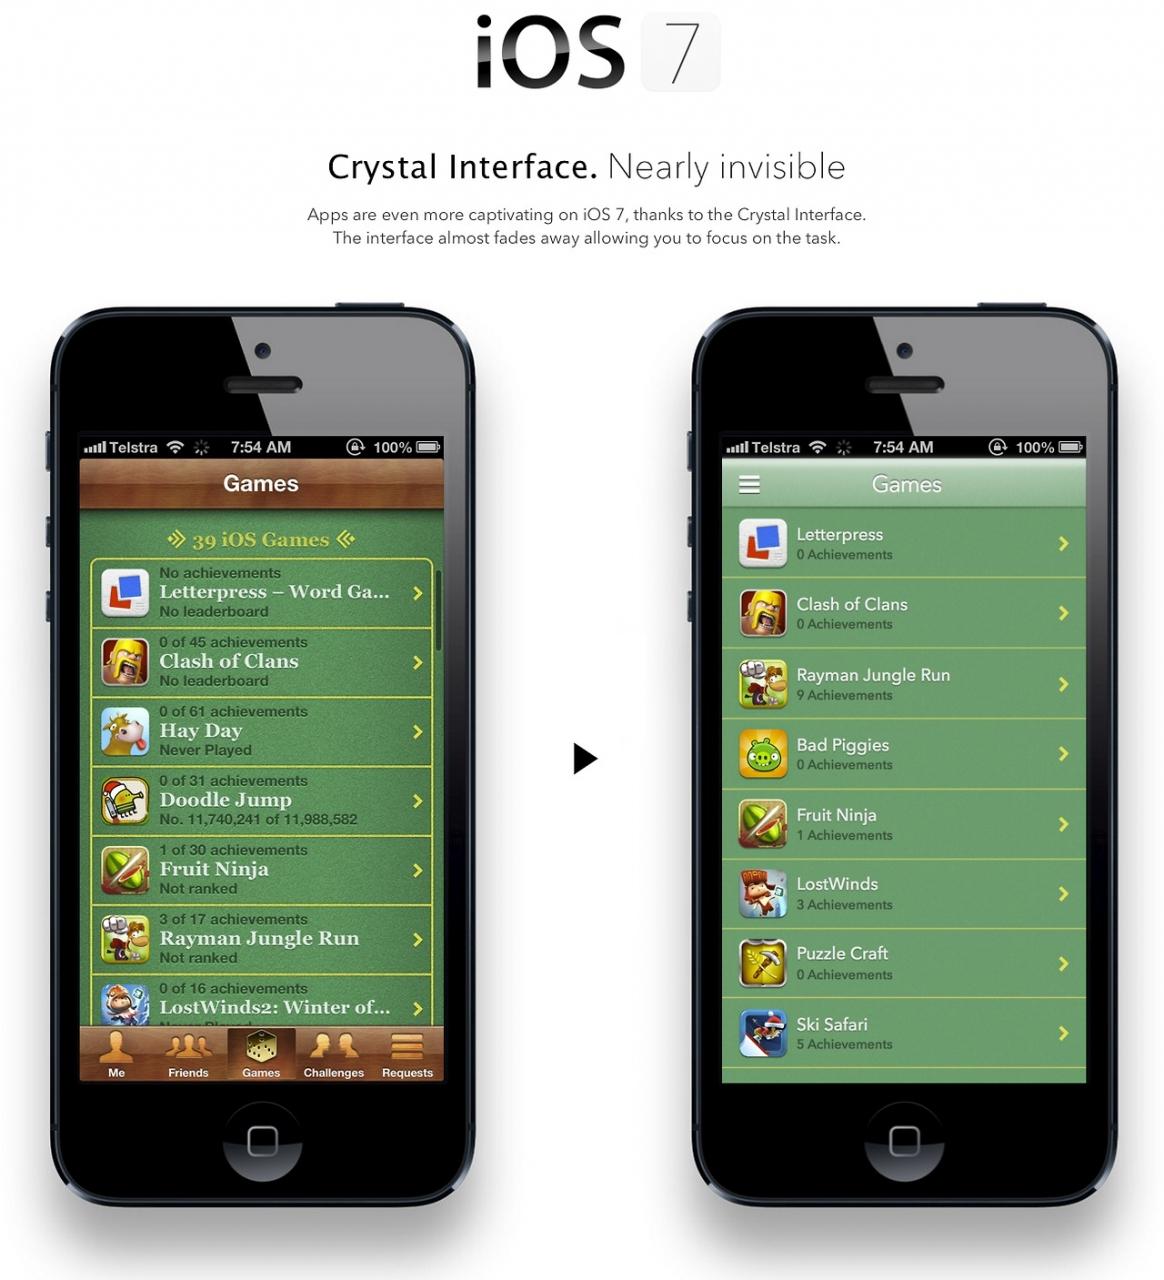 iPhoneGuiden.se - Sida 175 av 583 - Allt om iPhone c915a6a162d6a